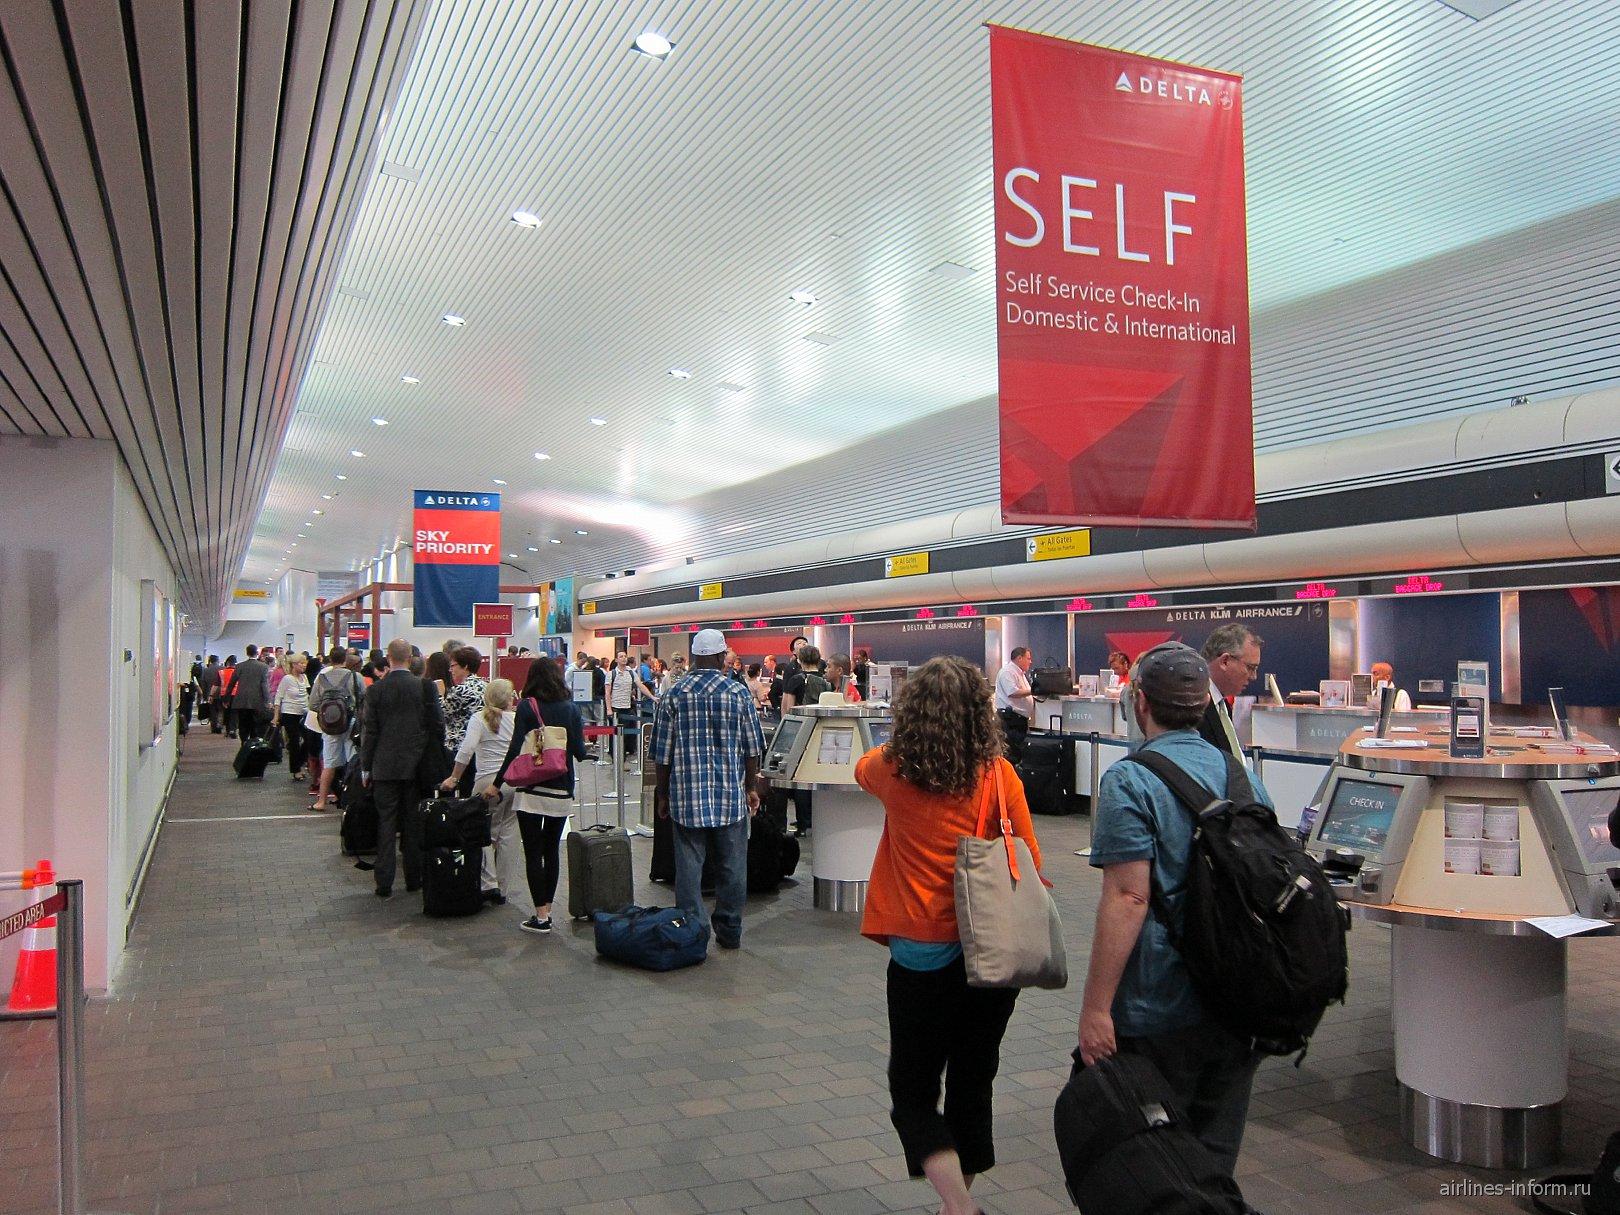 Стойки регистрации авиакомпании Delta в терминале D аэропорта Нью-Йорк Ла-Гардия